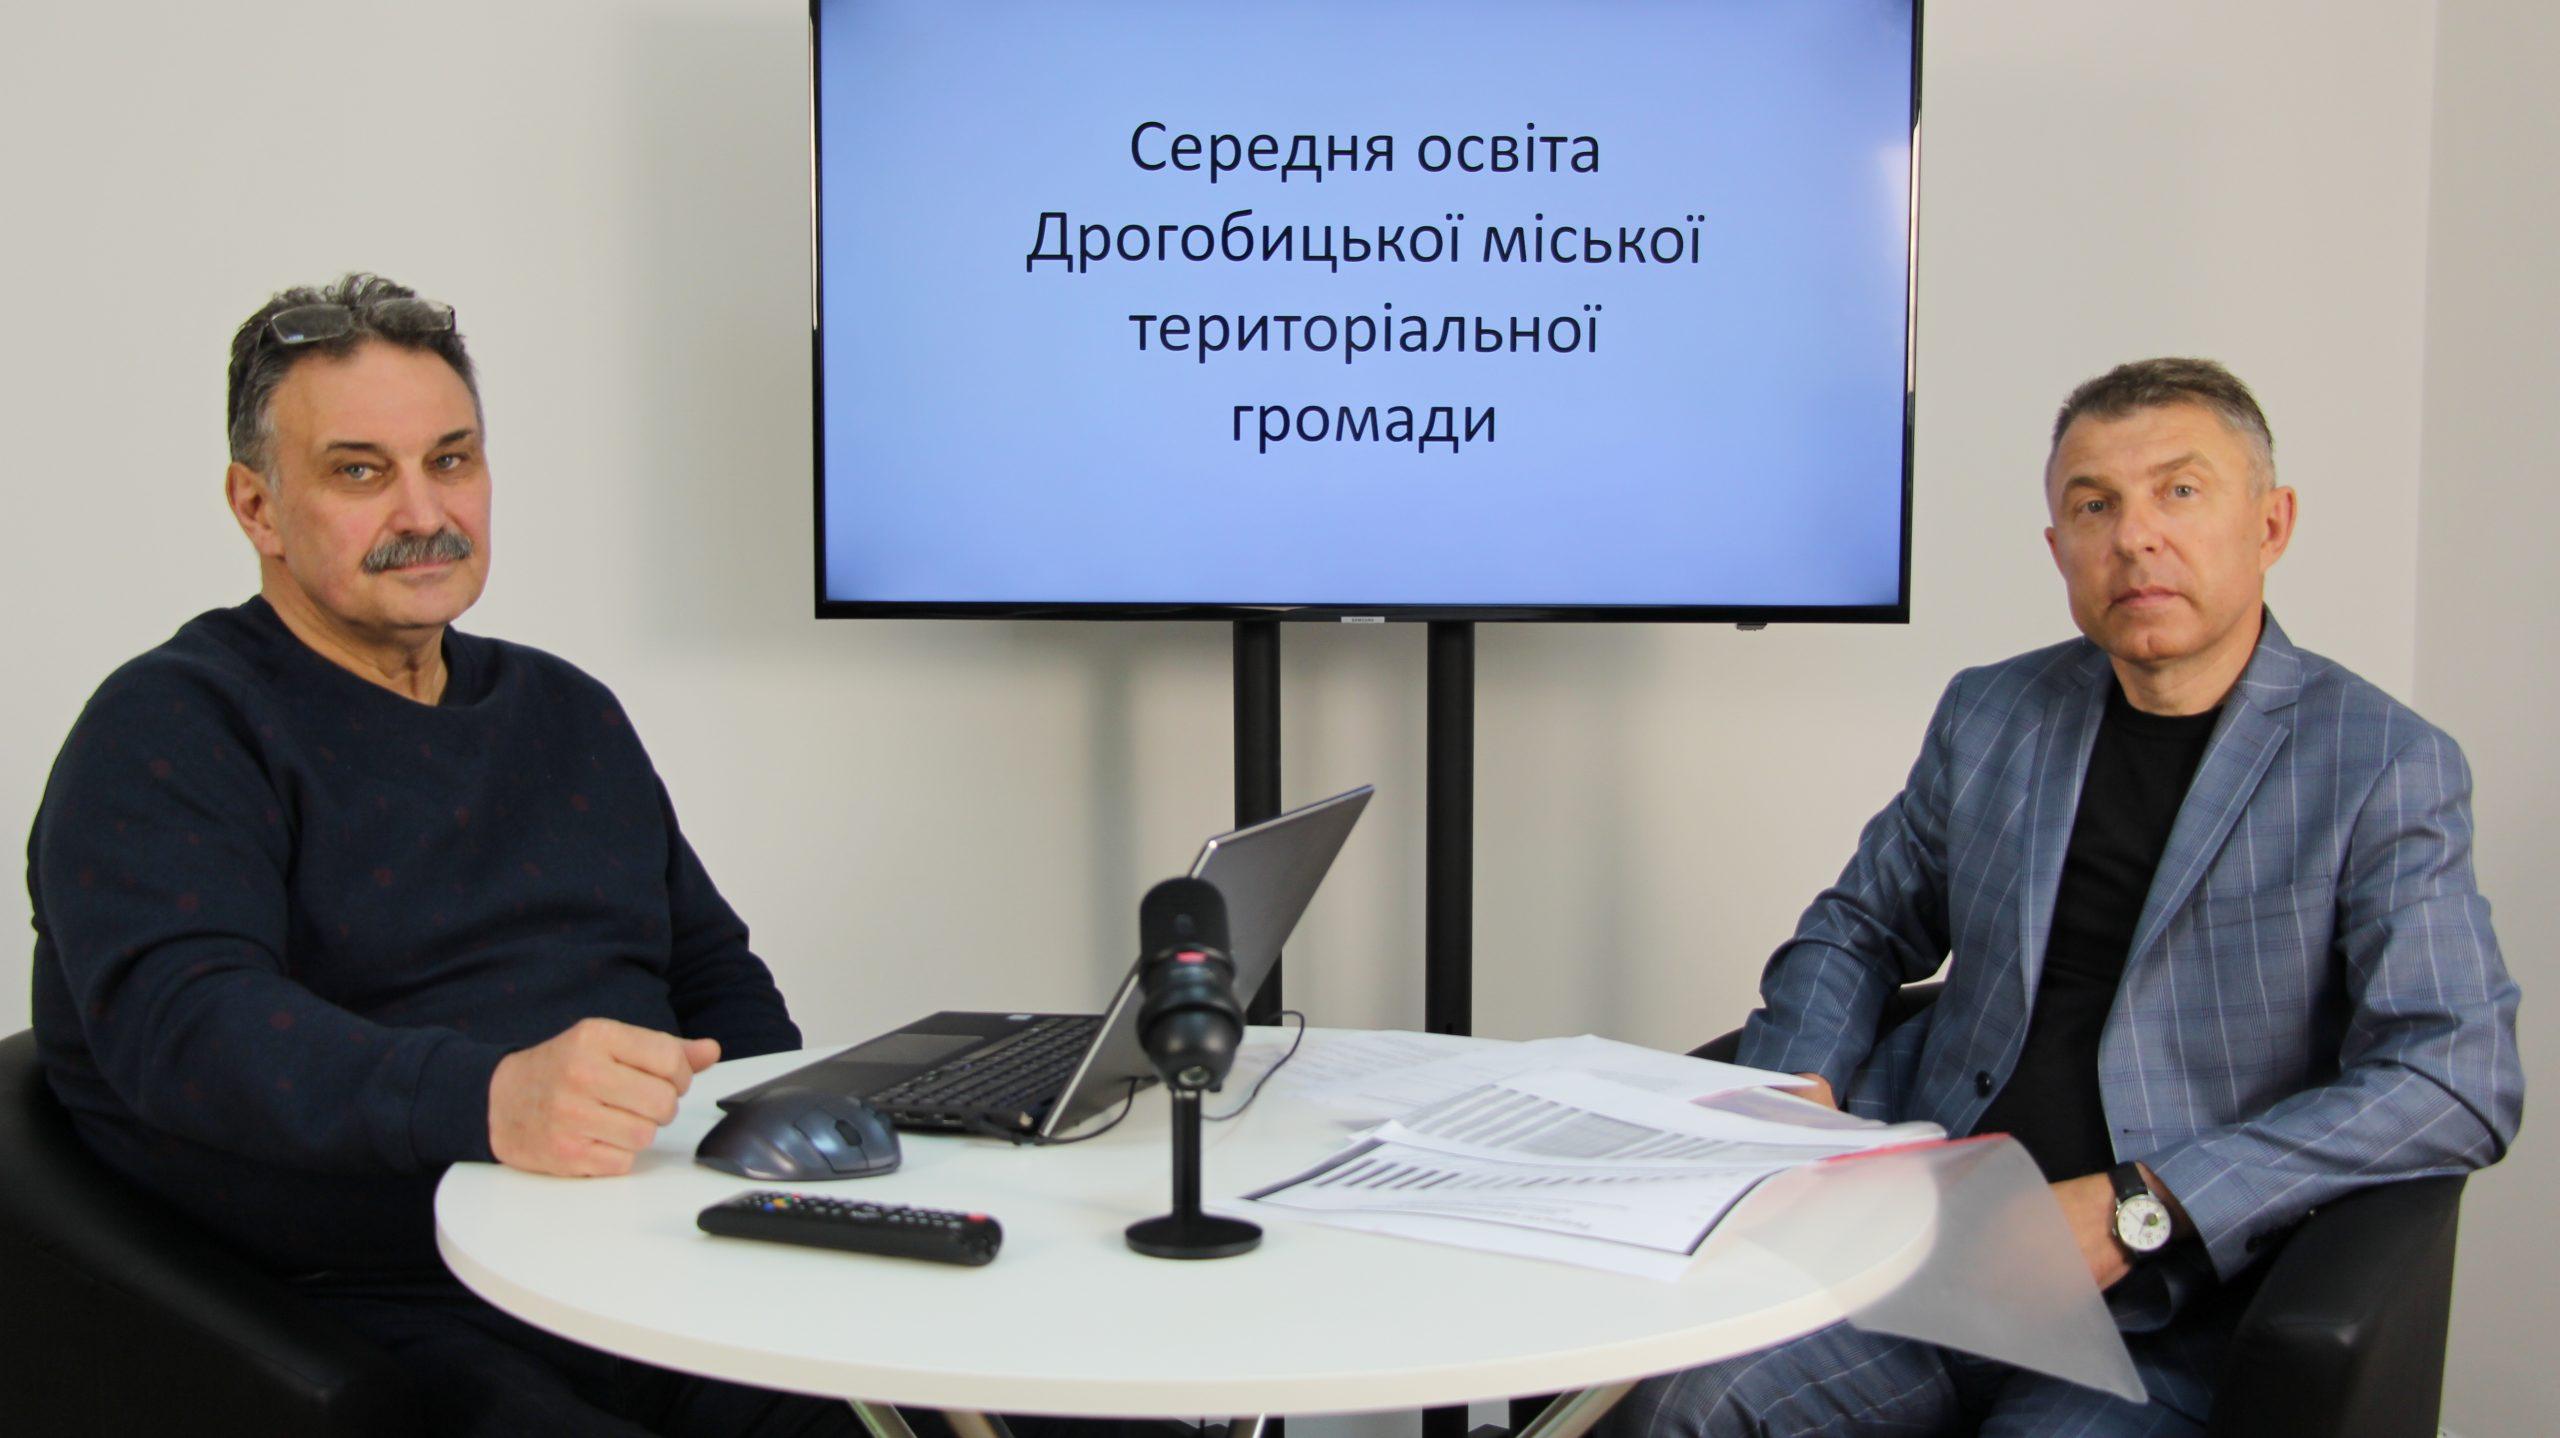 КМЦ «Дрогобич»: Середня освіта Дрогобицької МТГ